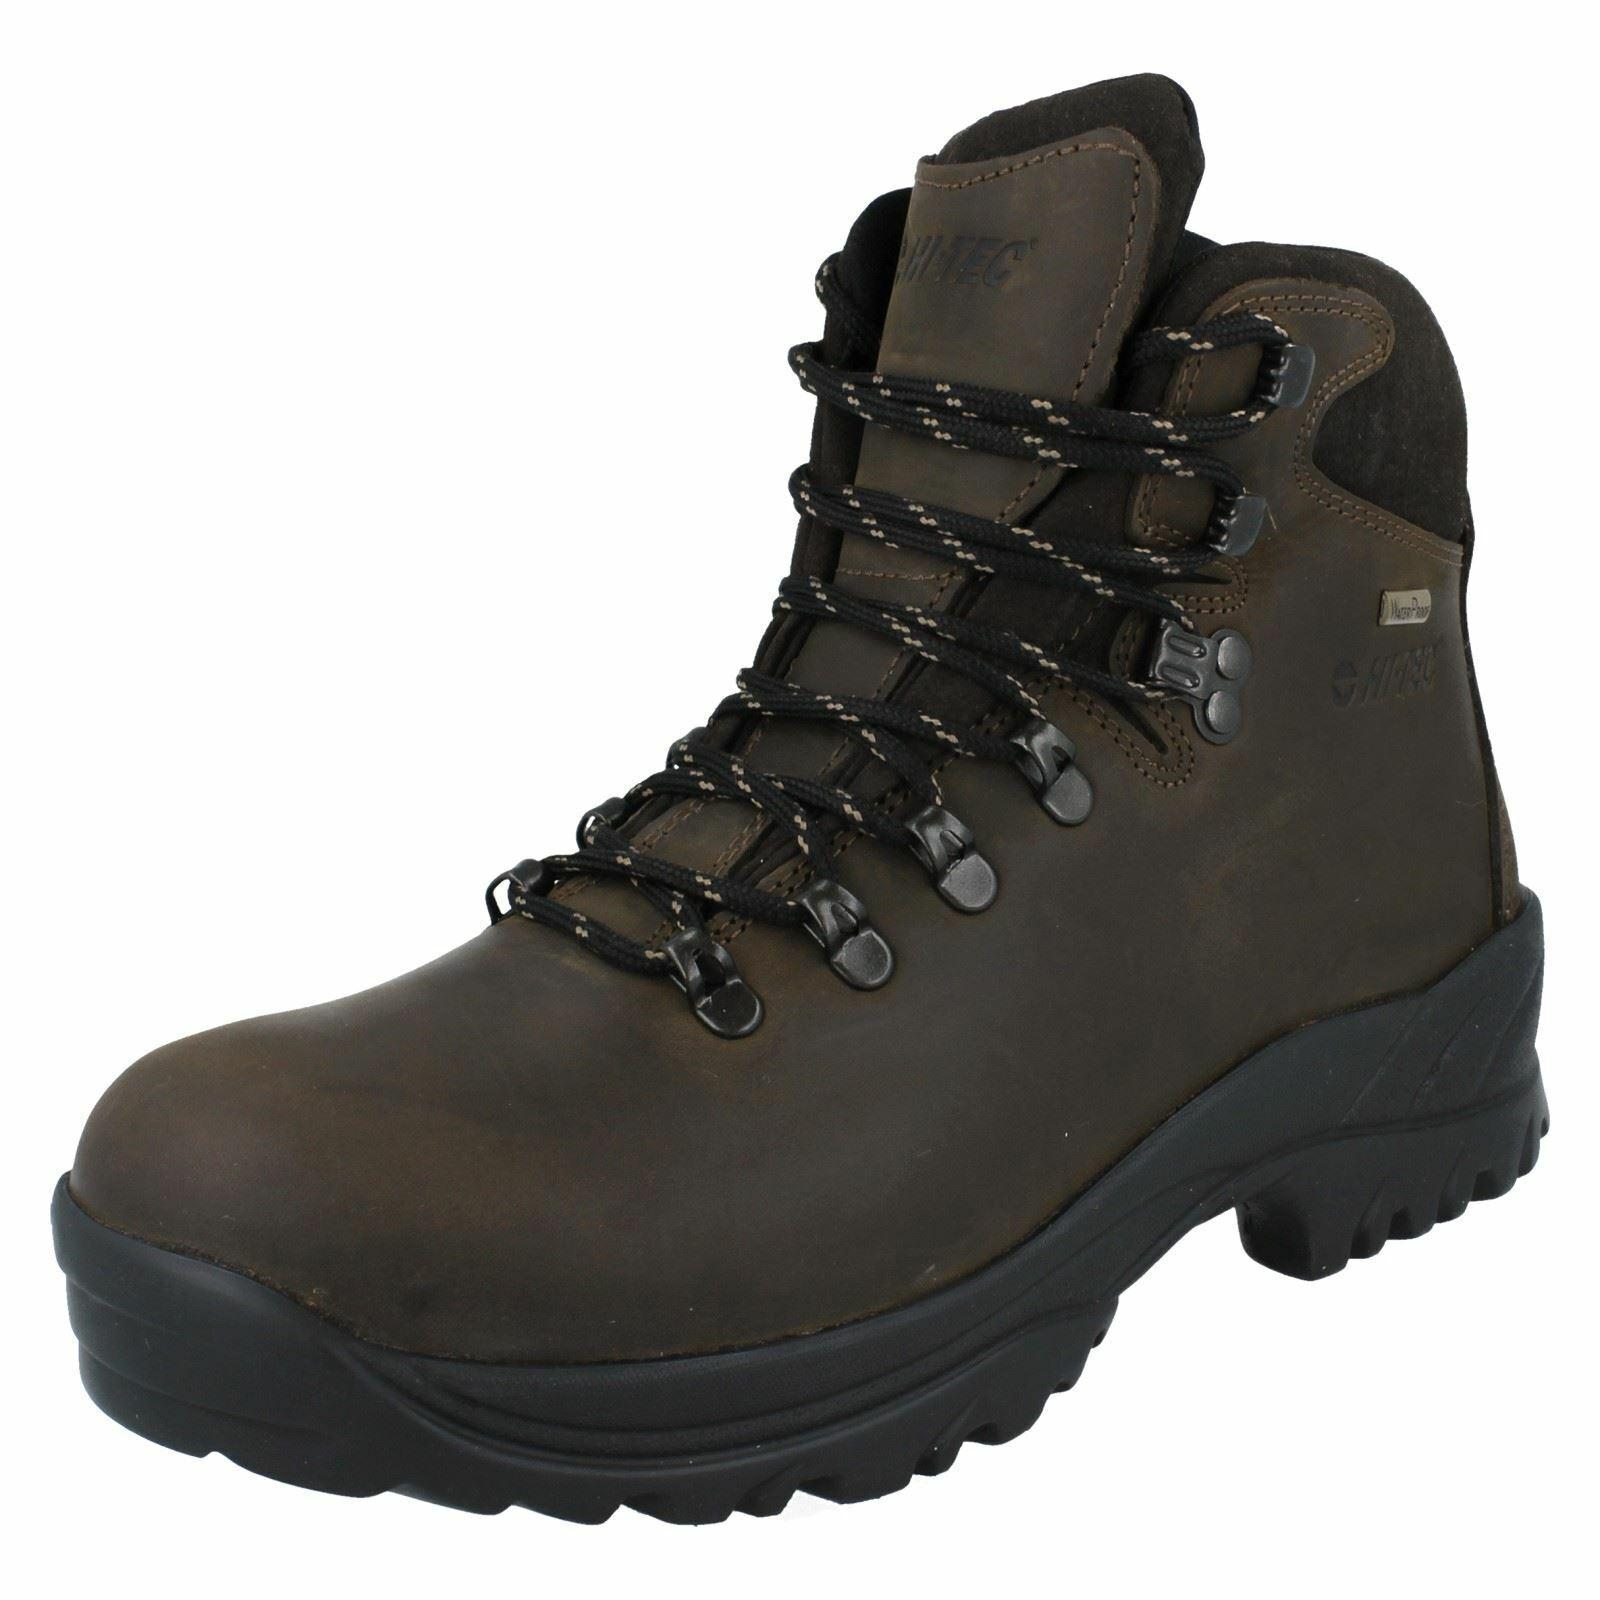 Mens Hi-Tec Leather Waterproof Walking Boots *Ravine*